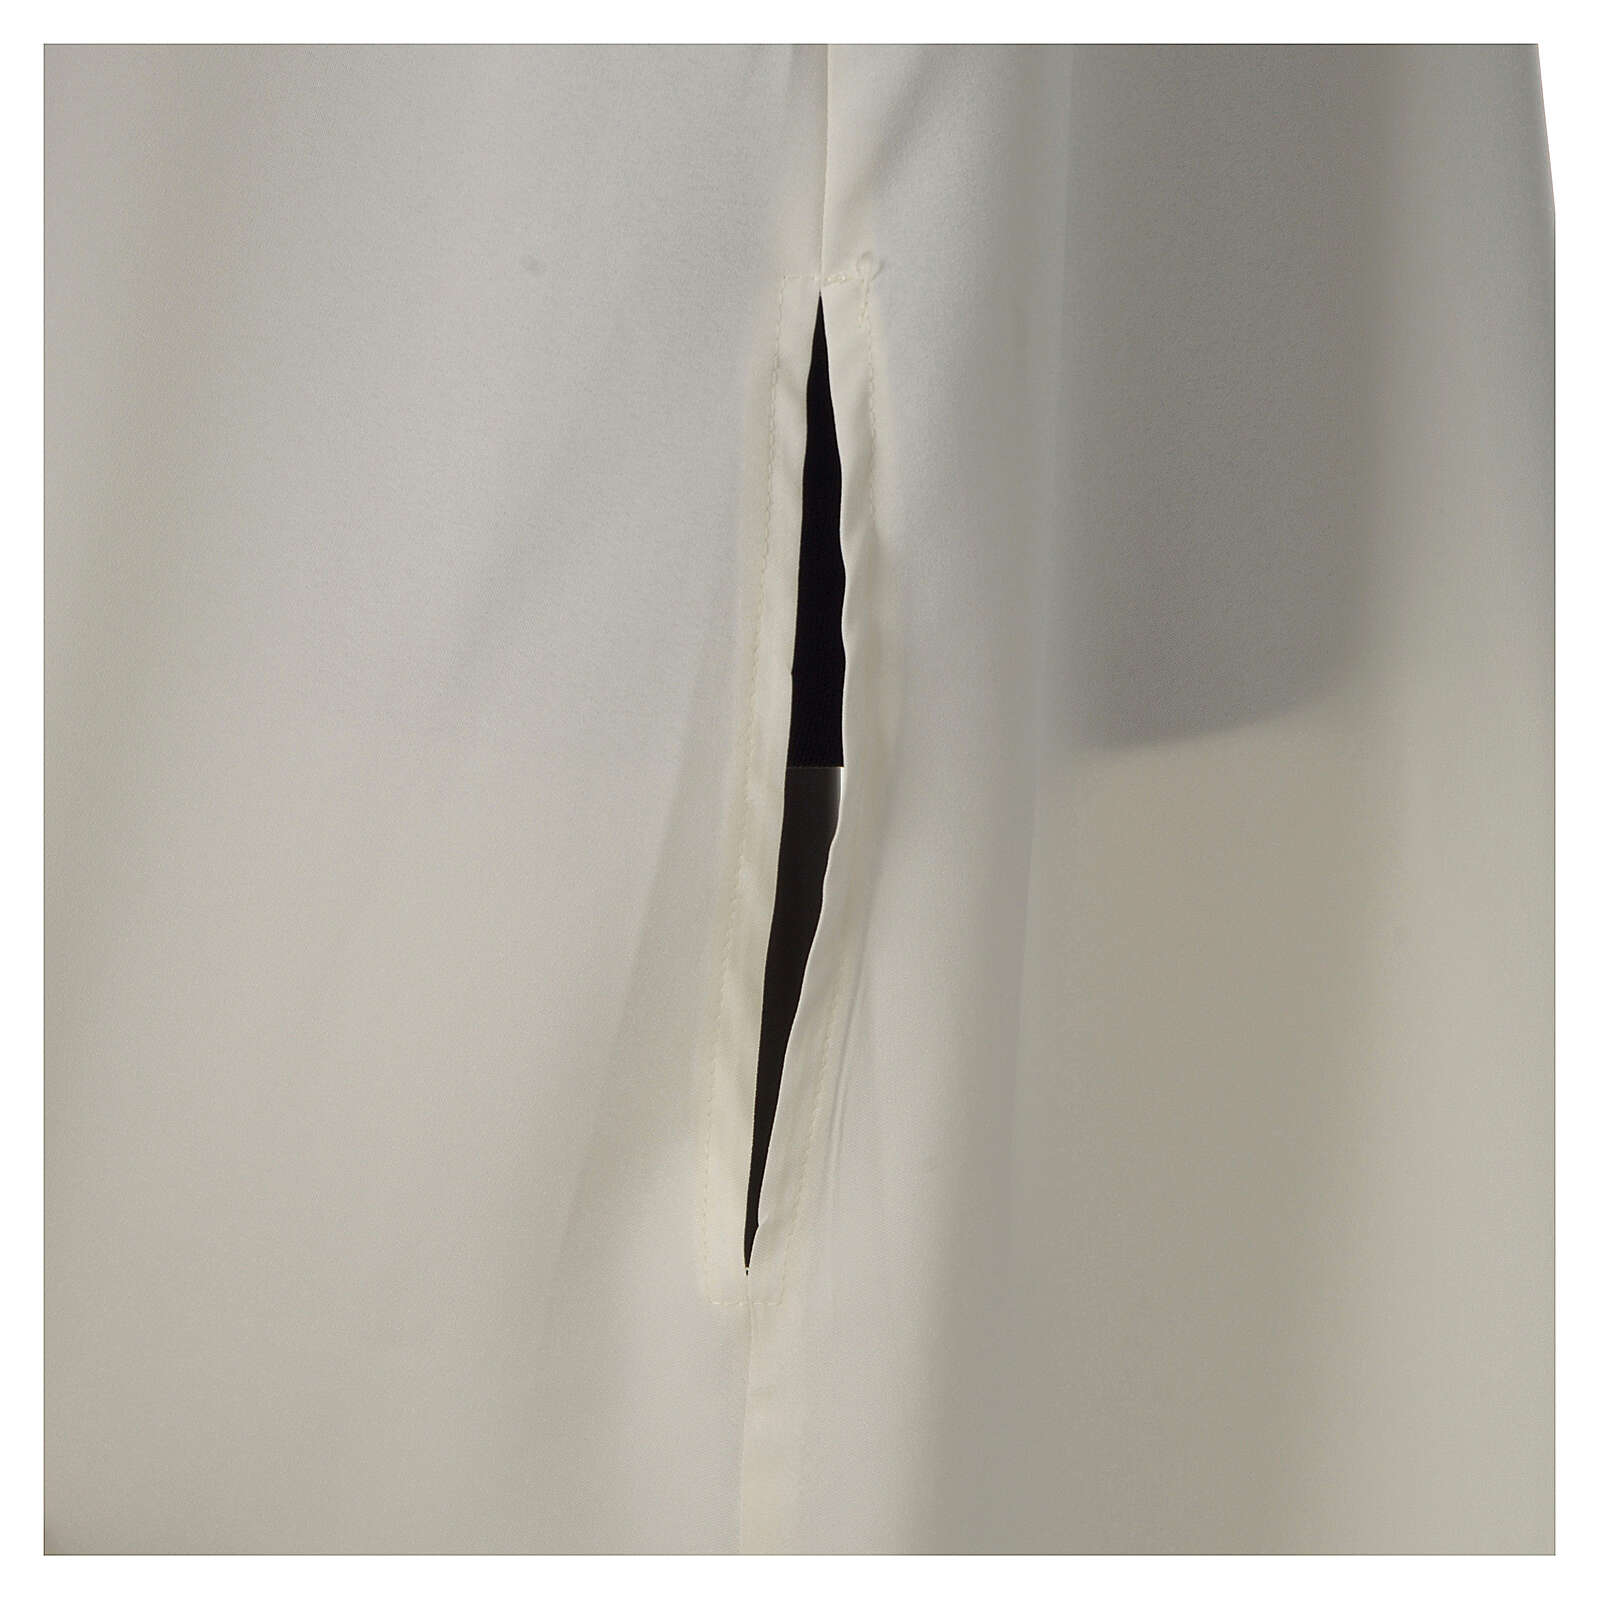 Camice avorio microfibra poliestere svasato con finto cappuccio 4